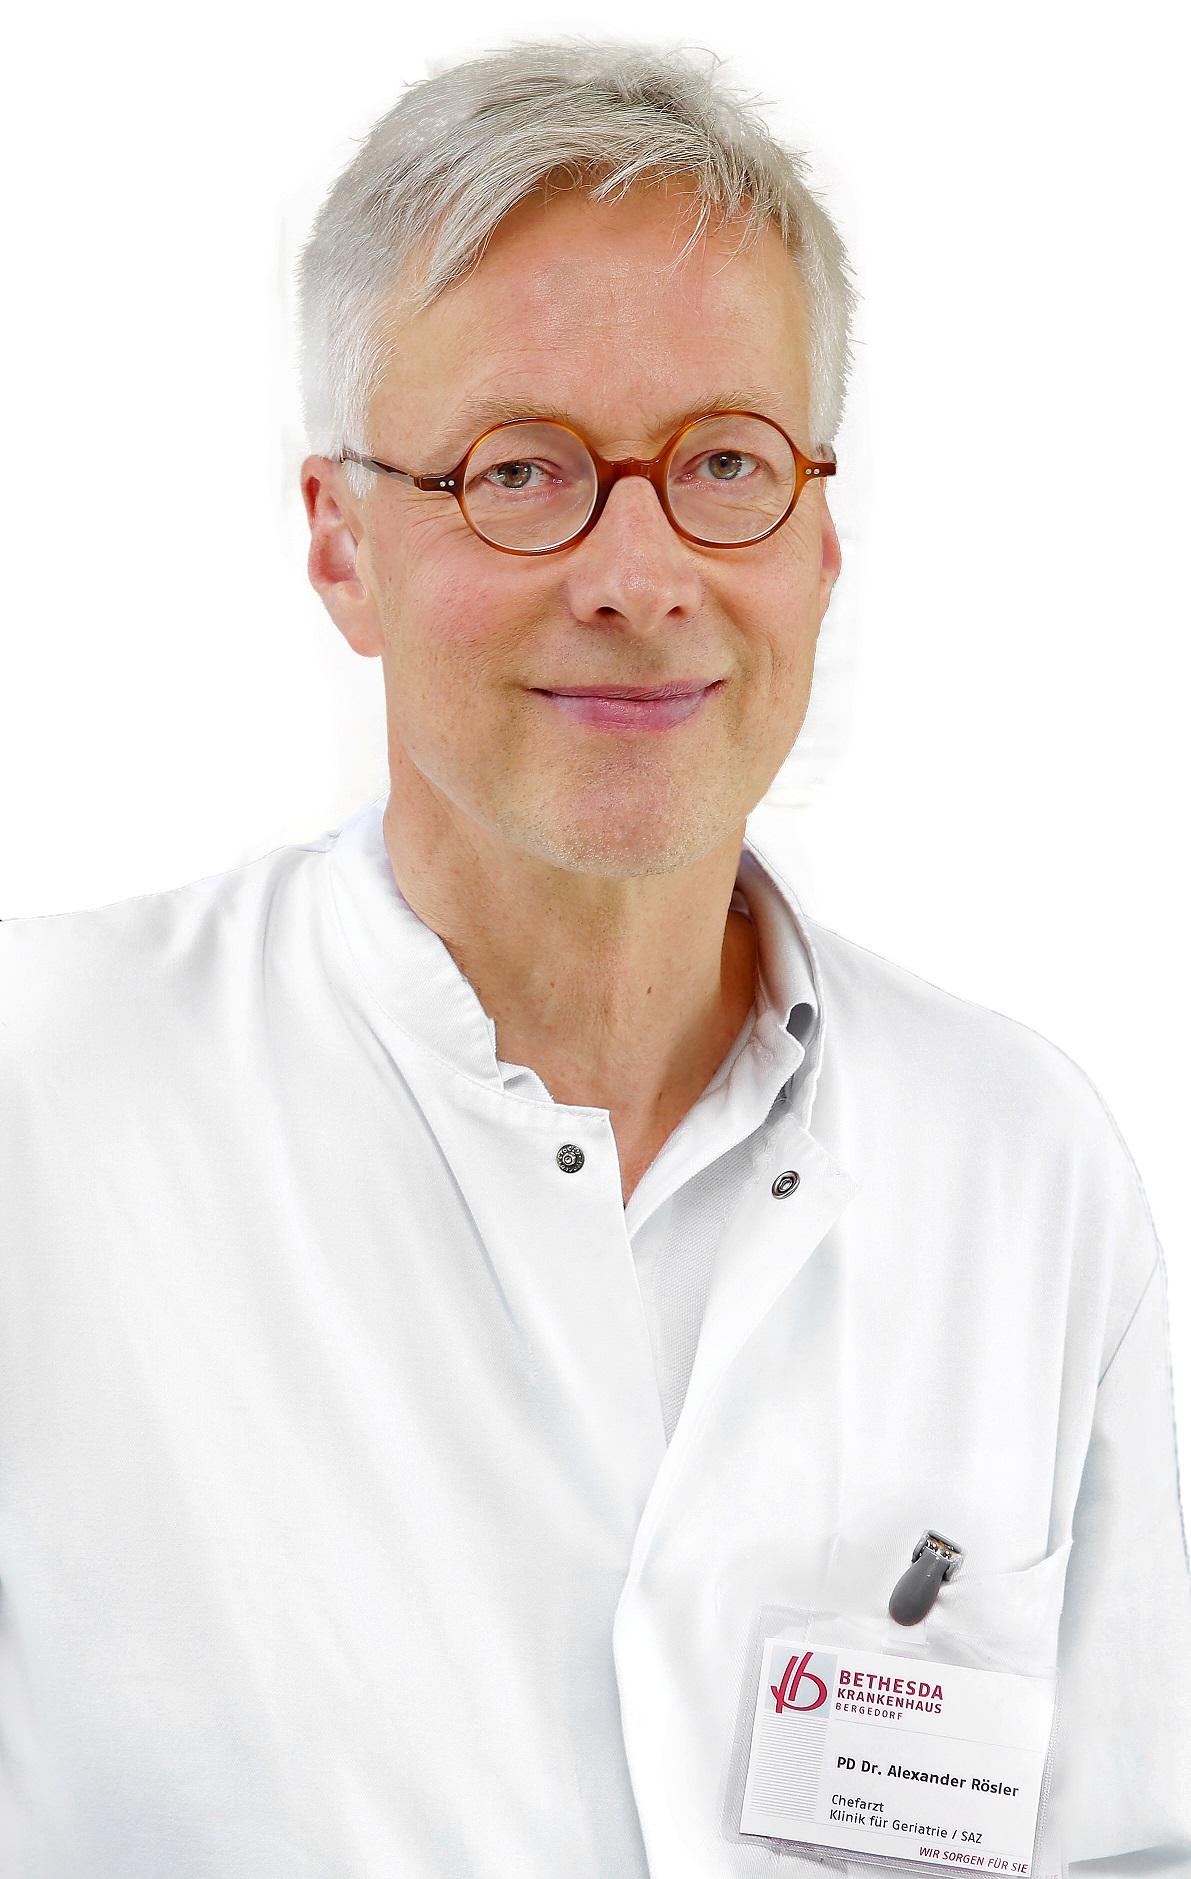 PD Dr. Alexander Rösler